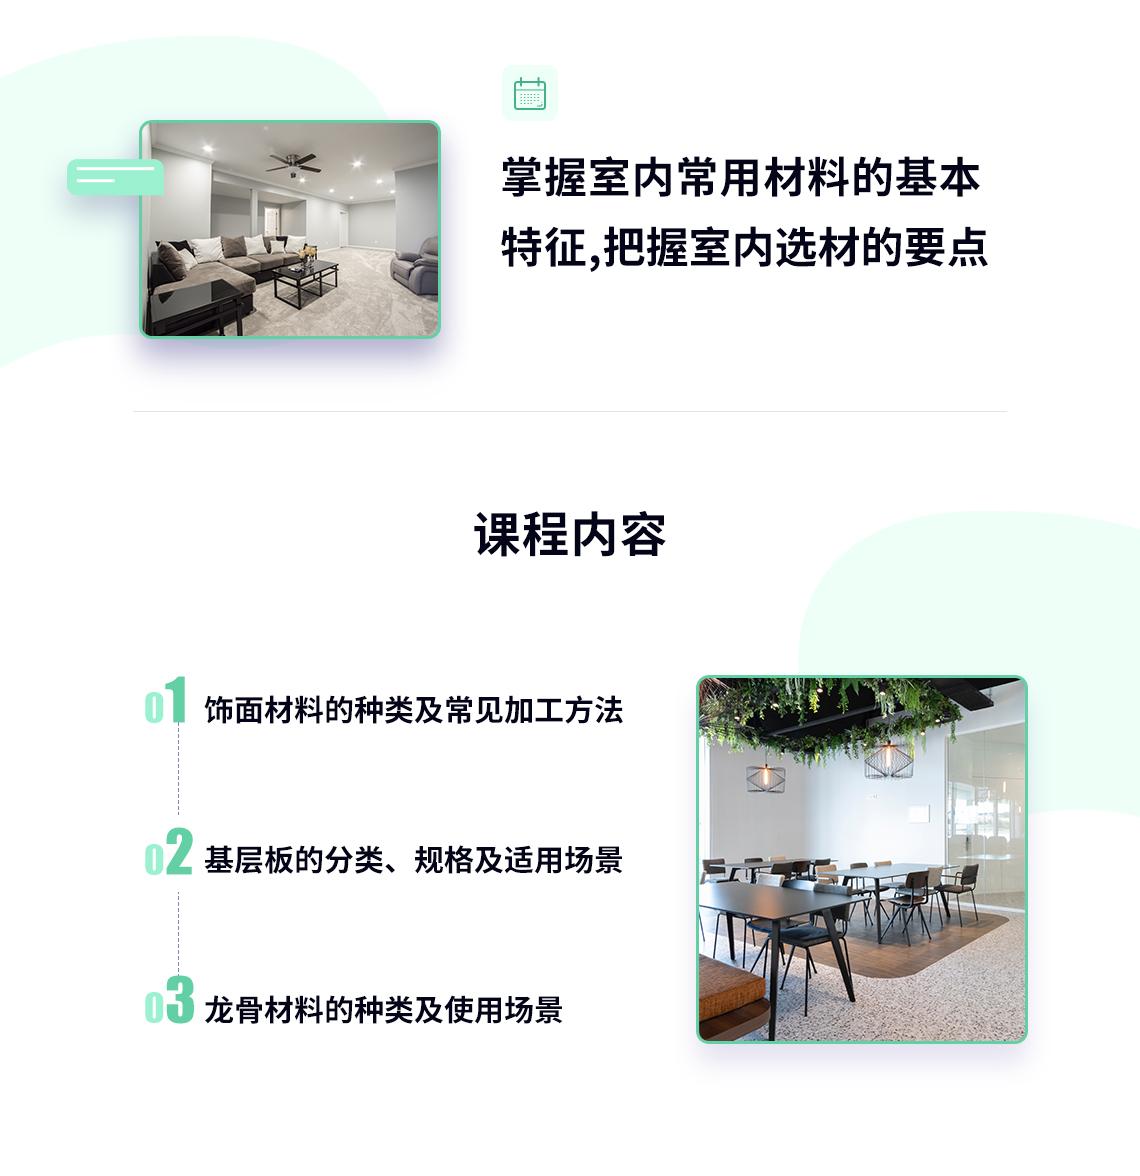 掌握室内常用材料的基本特征,把握室内选材的要点。课程内容:饰面材料的种类及常见的加工方法,基层板的分类、规格及适用场景,龙骨材料的种类及使用场景。